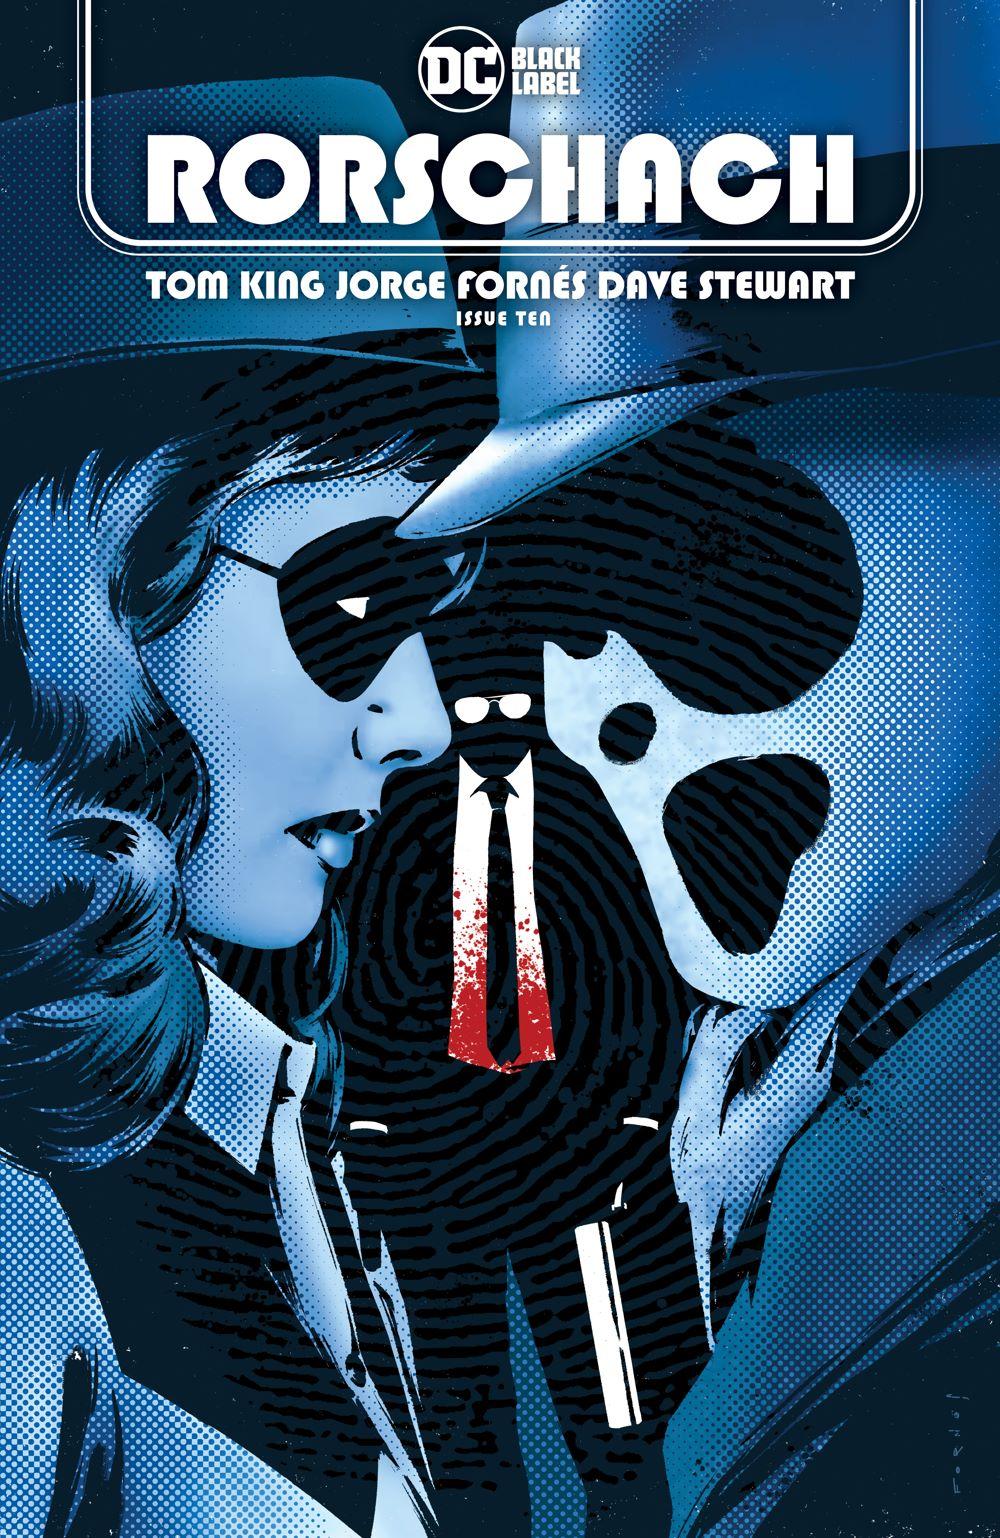 RORSCHACH_Cv10 DC Comics July 2021 Solicitations